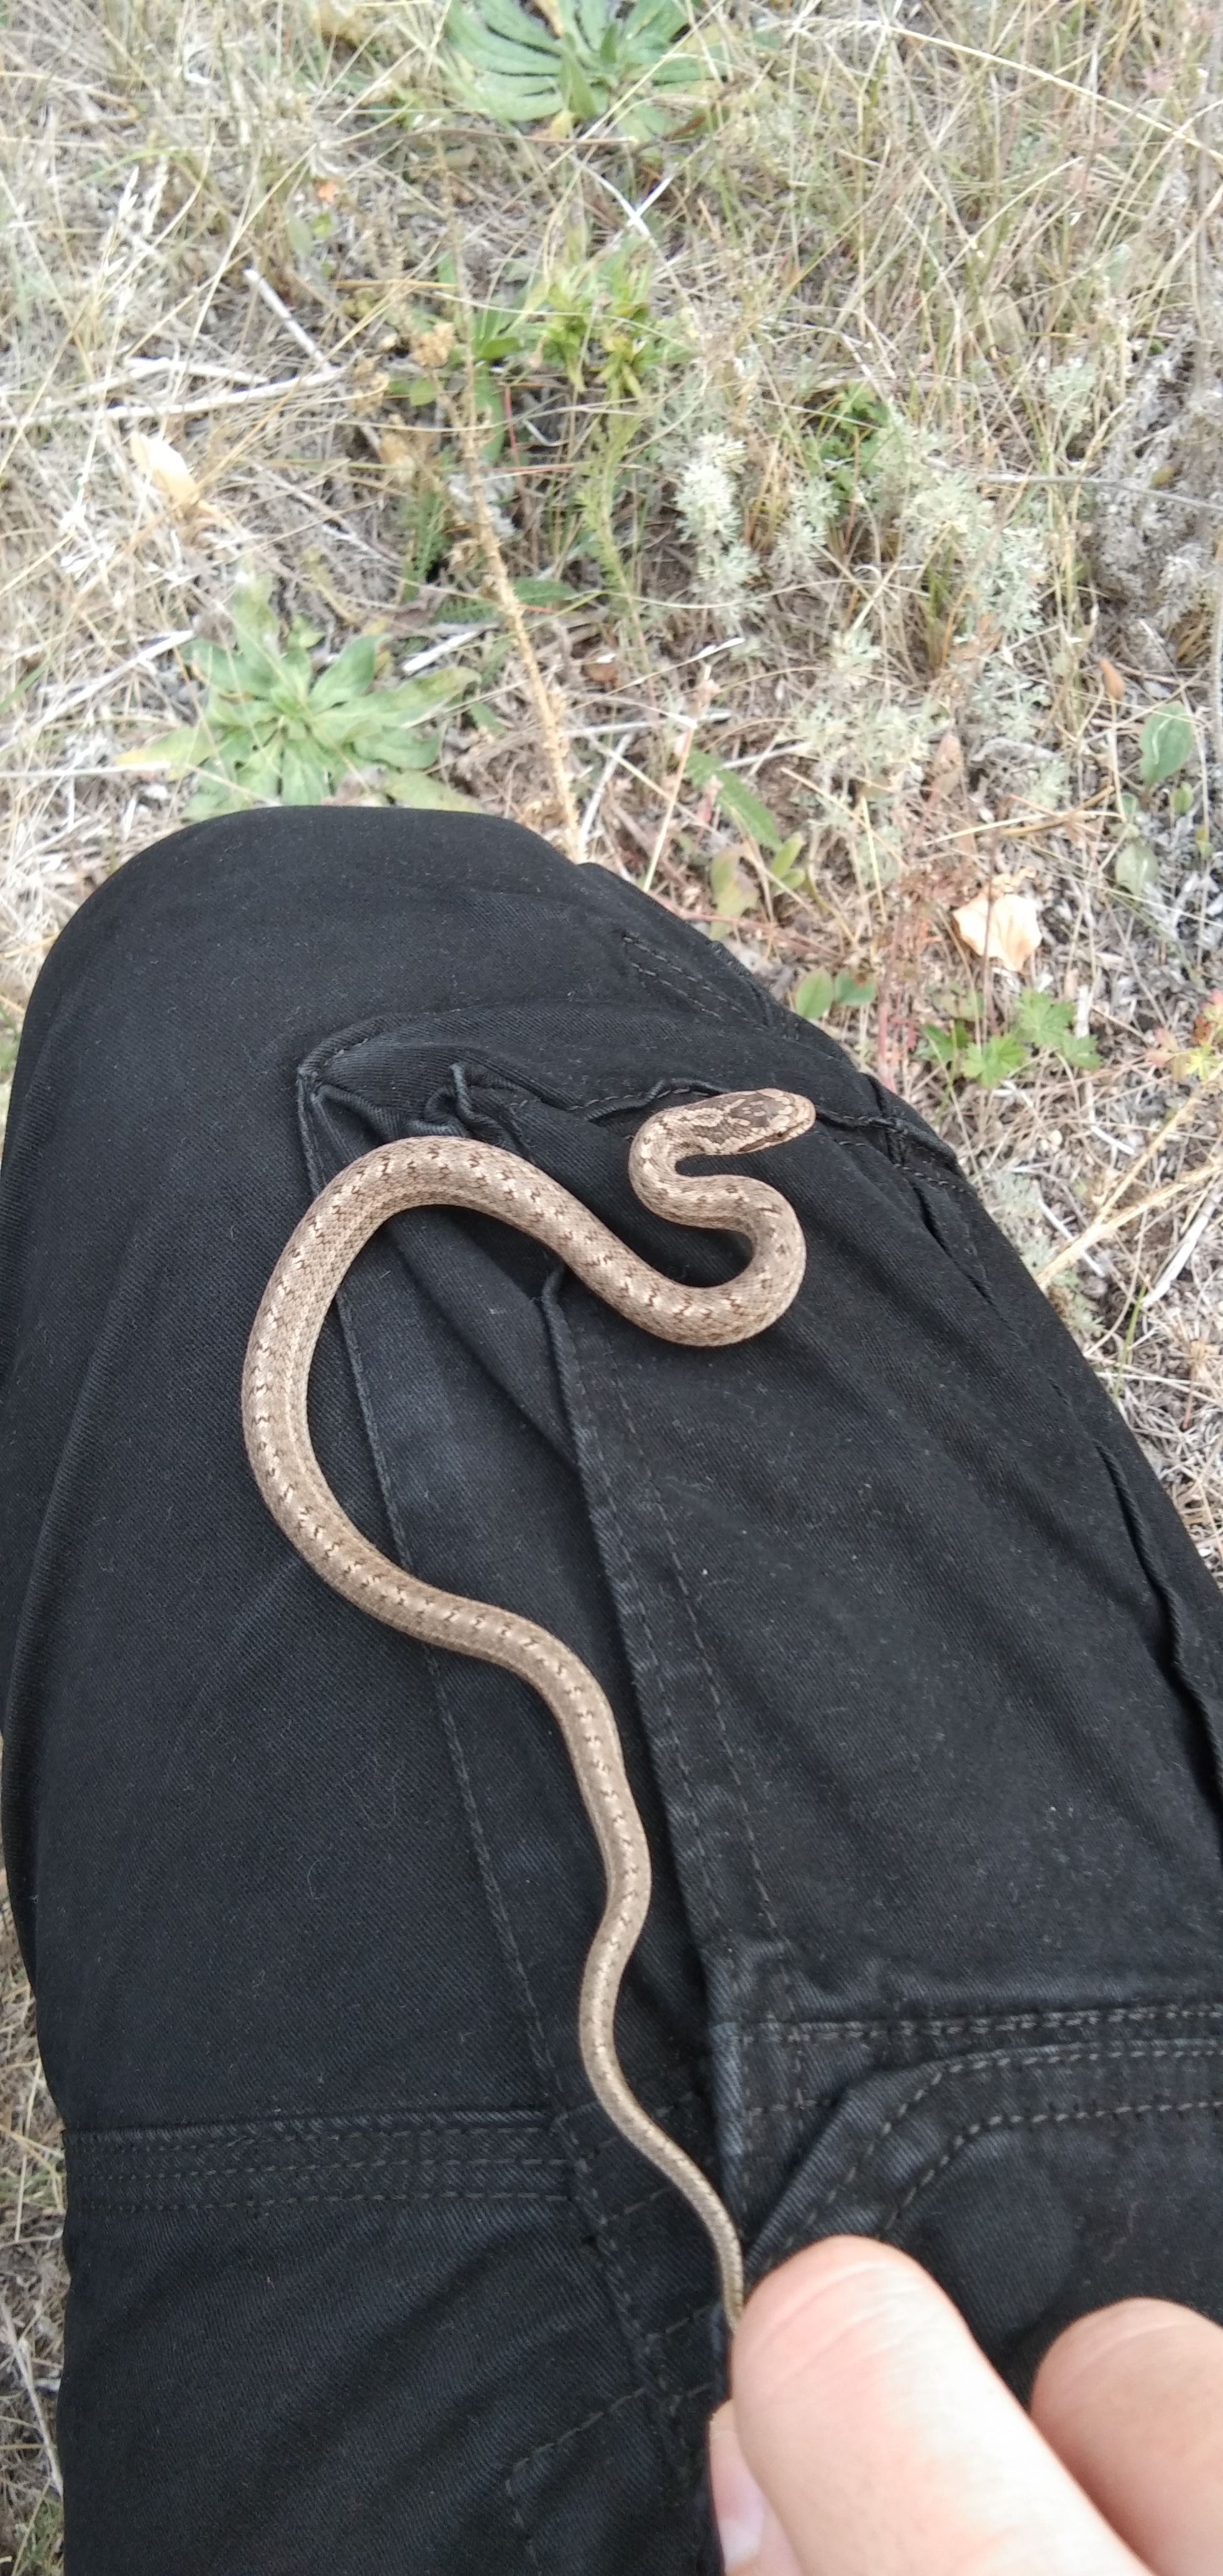 фотографии змей в саратовской области сегодня вас